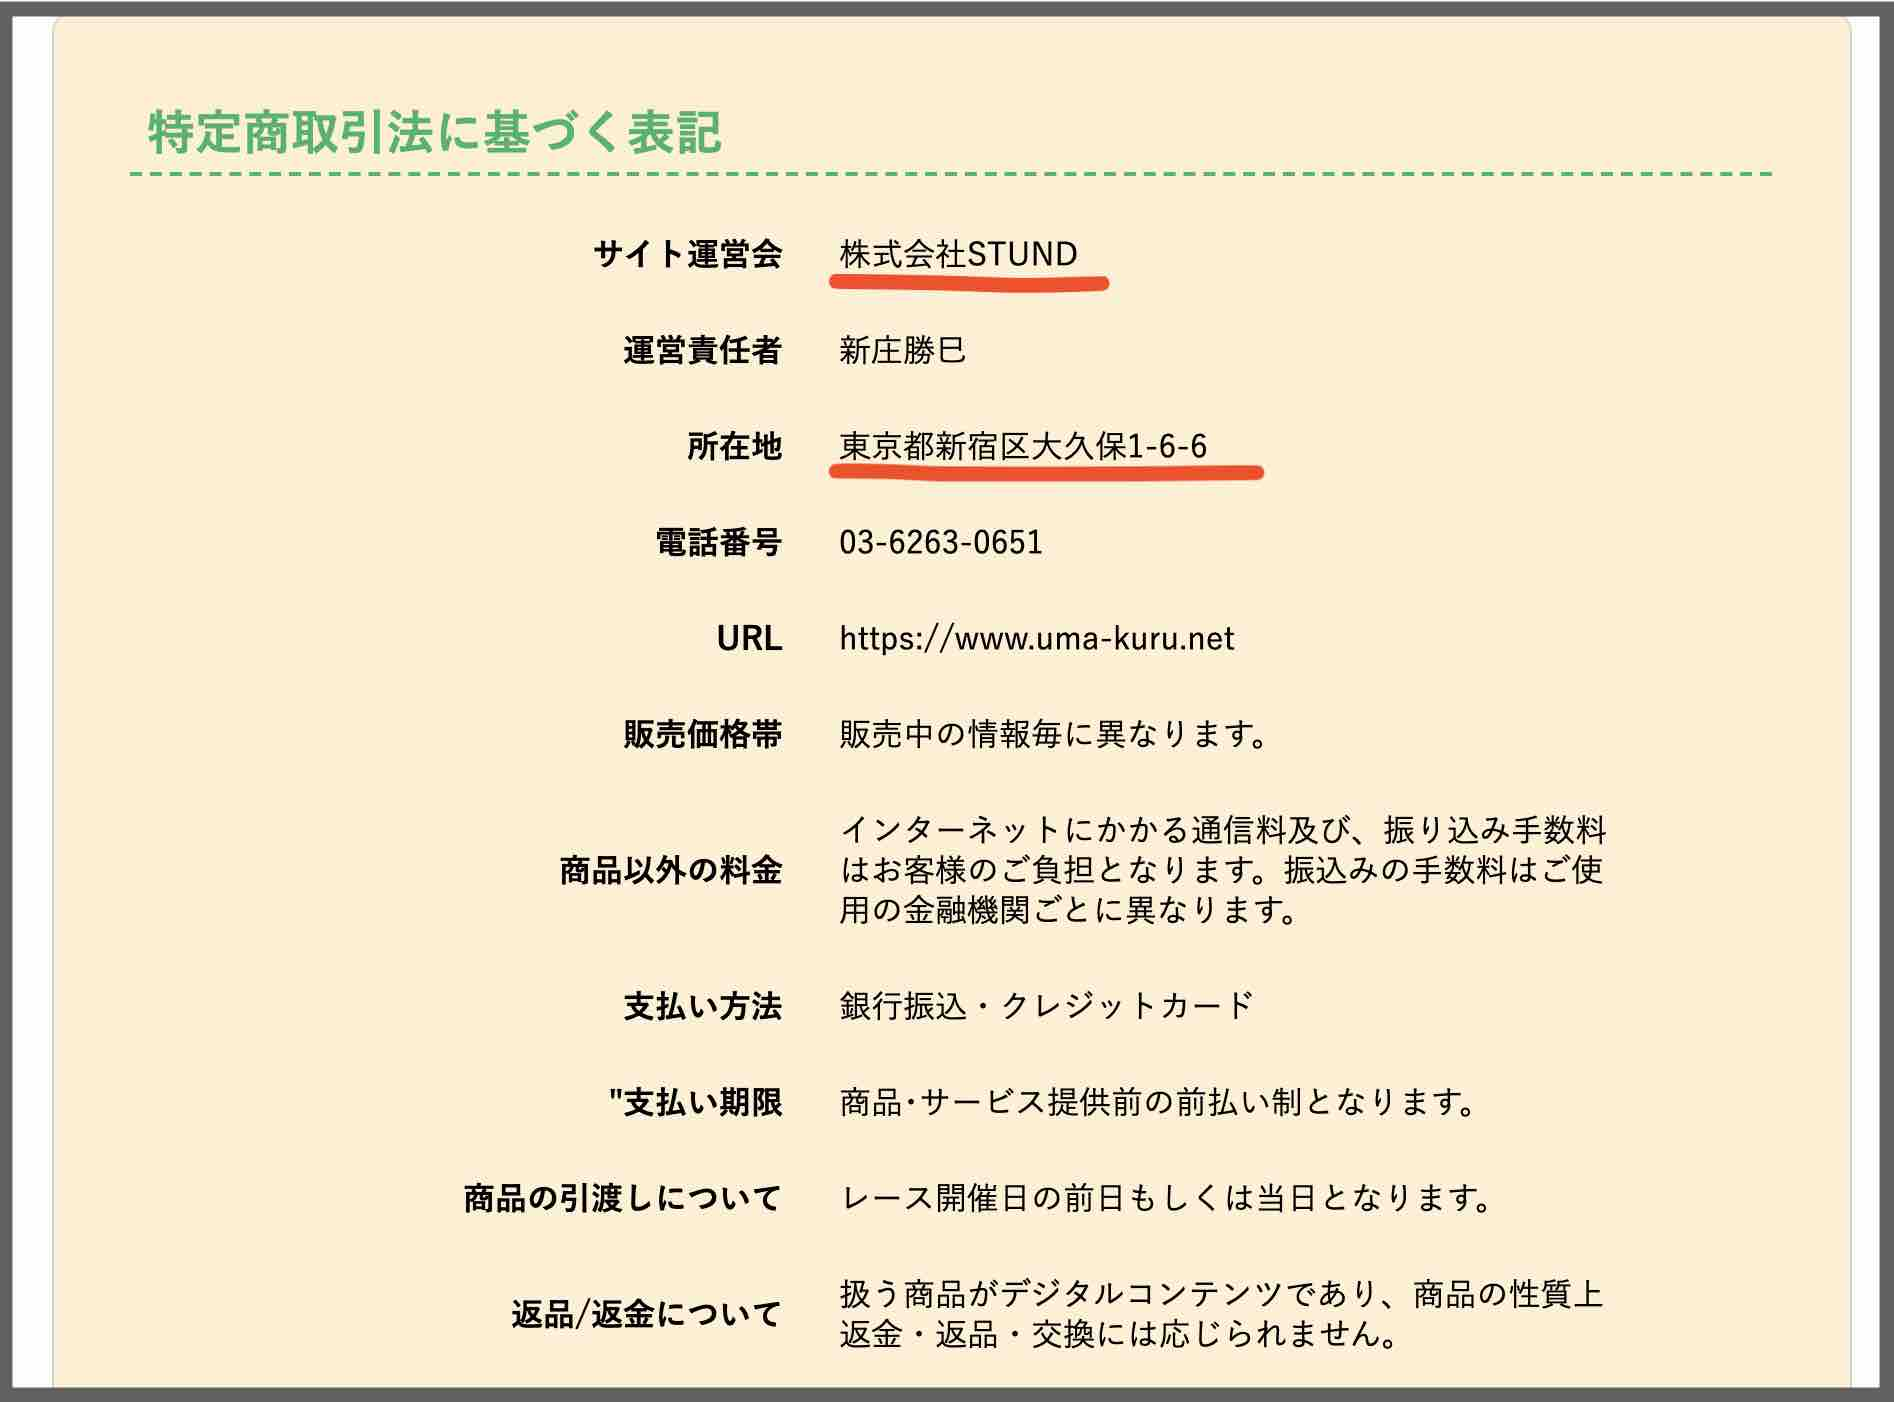 ウマくる(馬くる)という競馬予想サイトの特商法ページ